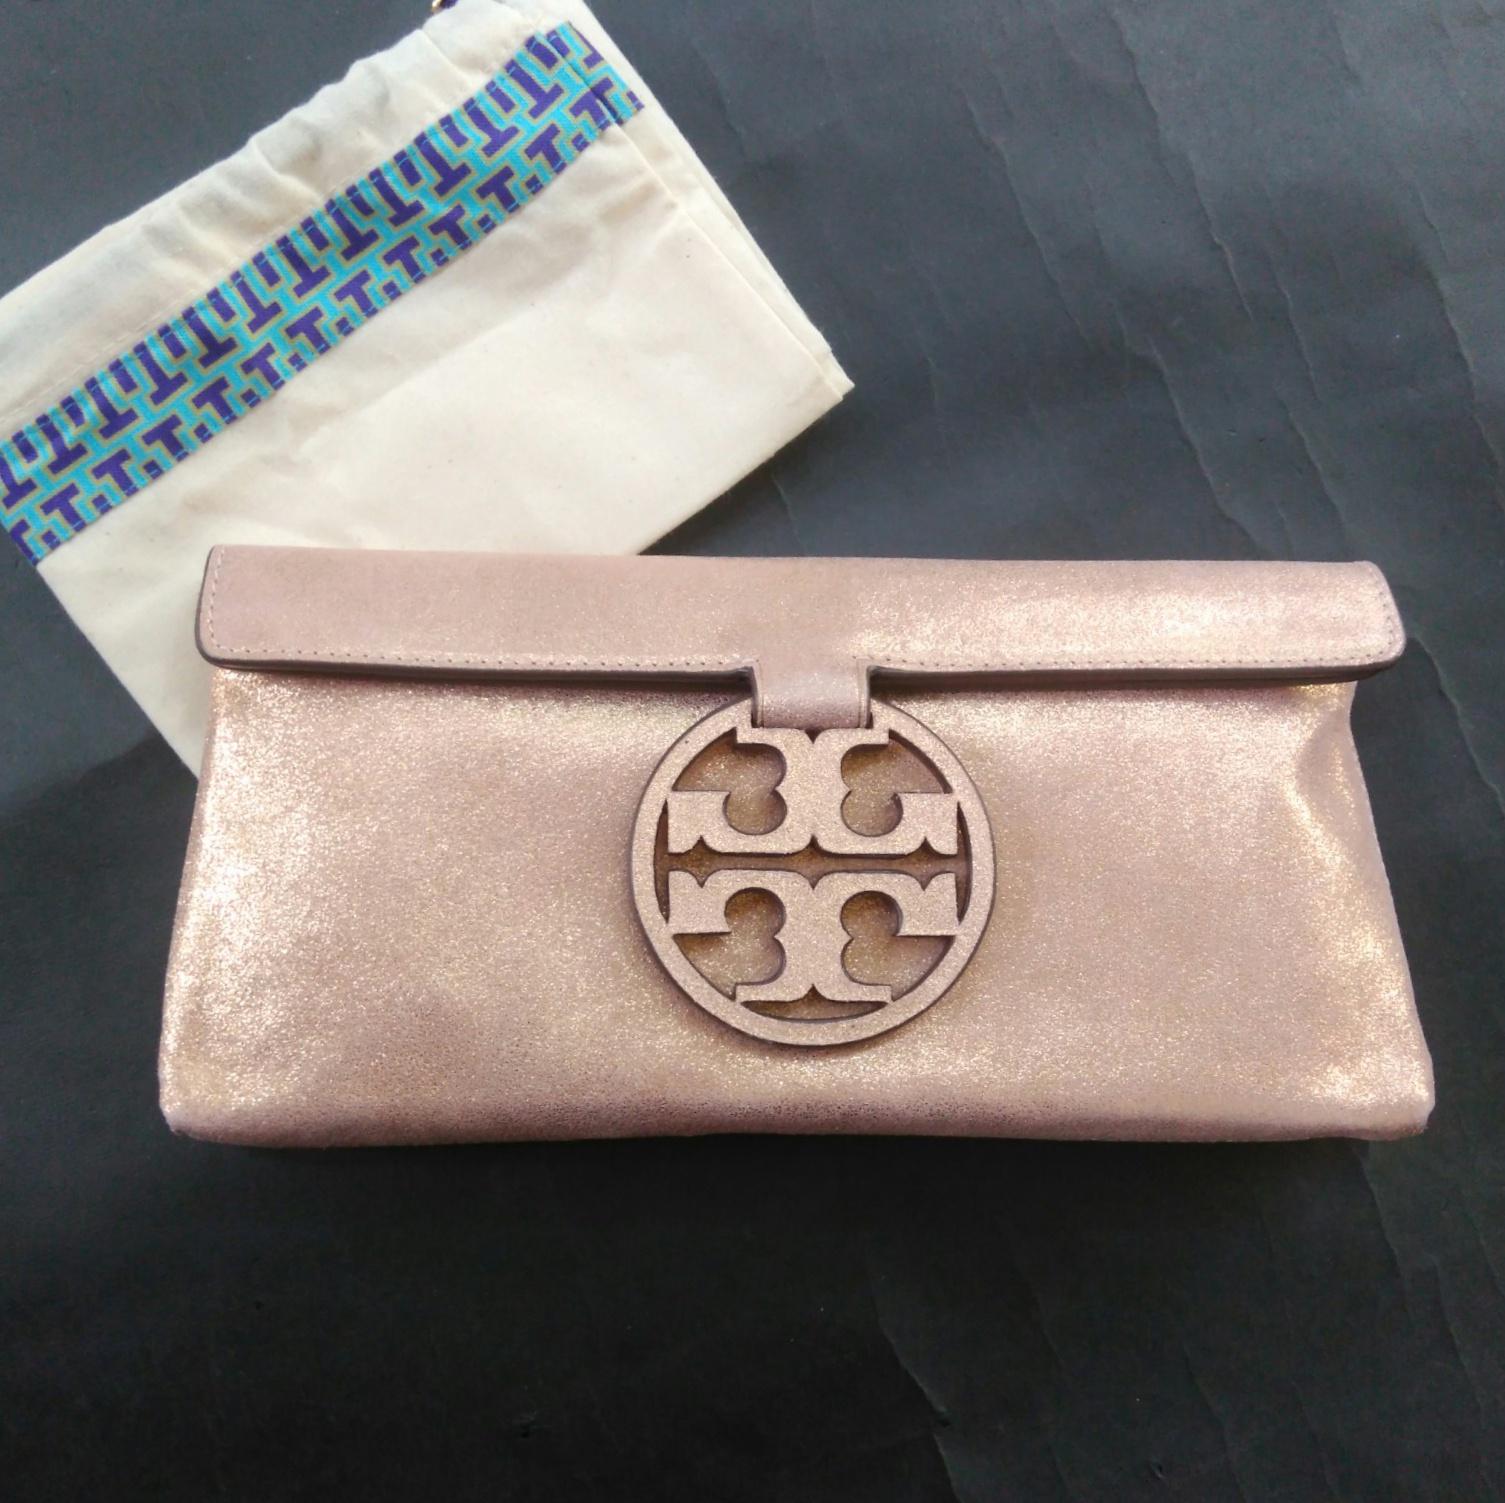 d3986608b02 Prebu.com    Accessories    Tory Burch Miller Metallic Clutch ...